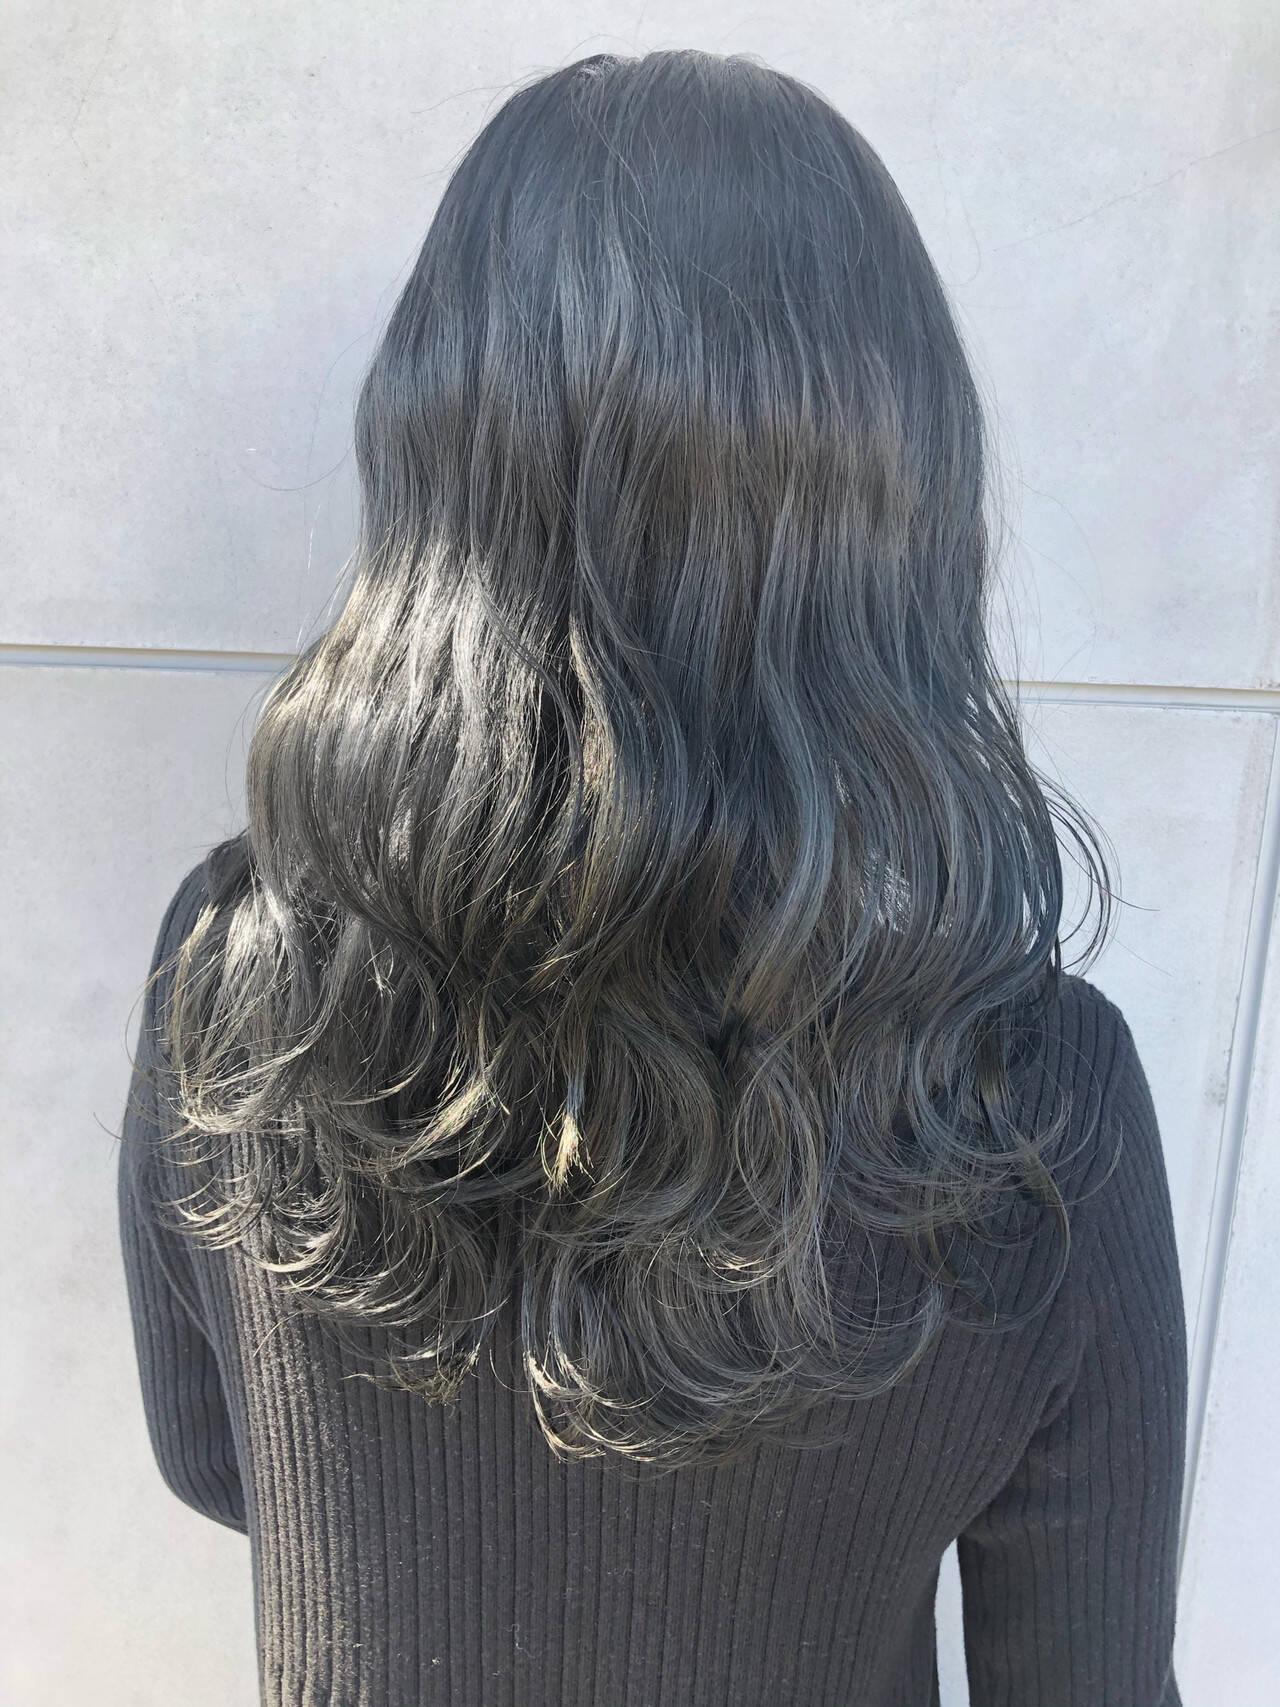 グレージュ アッシュグレージュ ダークグレー セミロングヘアスタイルや髪型の写真・画像